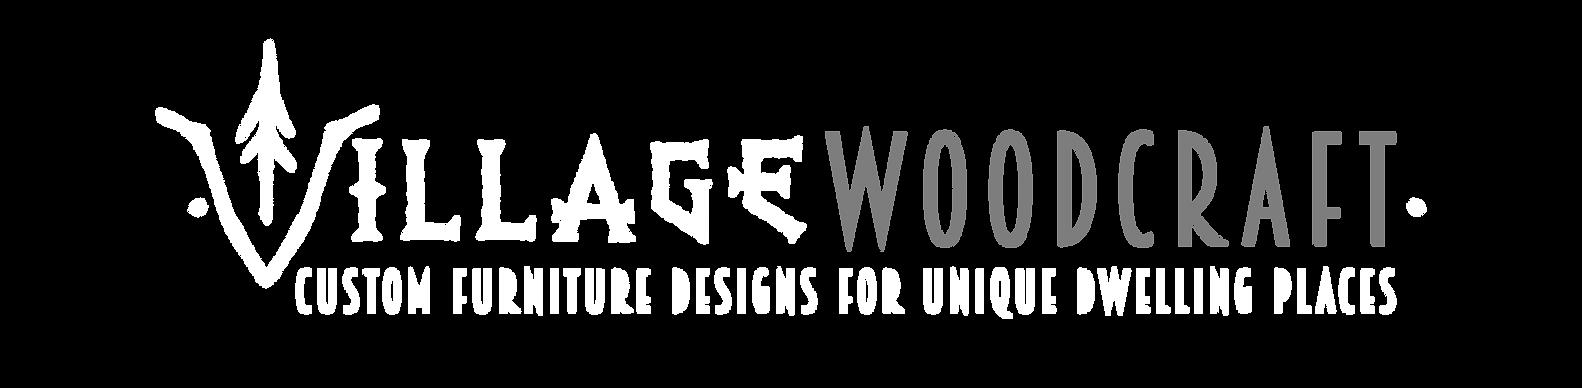 vilagewoodcraft